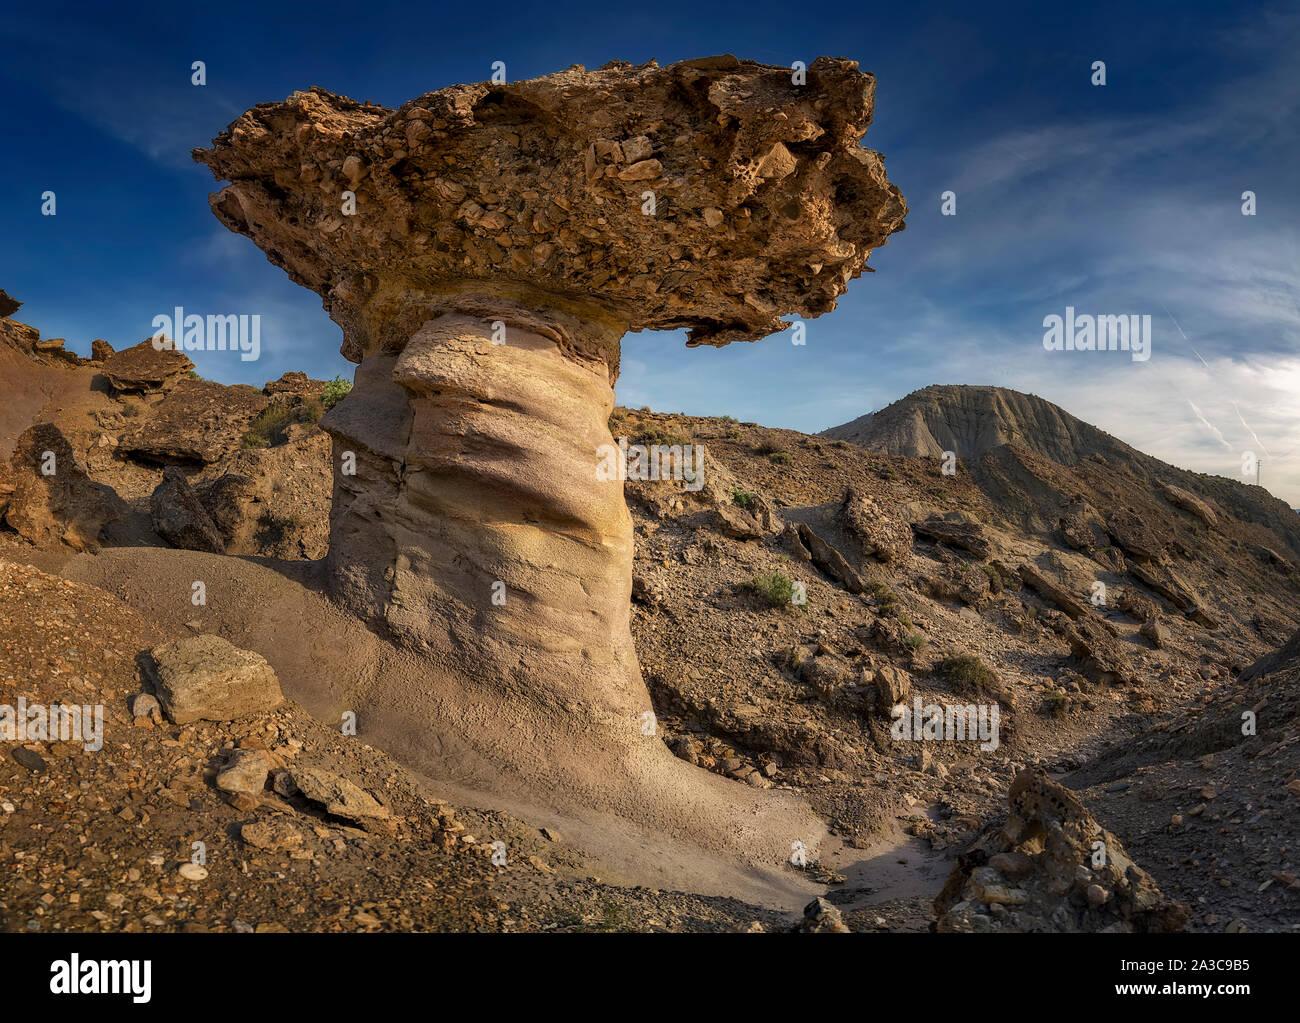 The Tabernas desert in Almeria, Spain Stock Photo